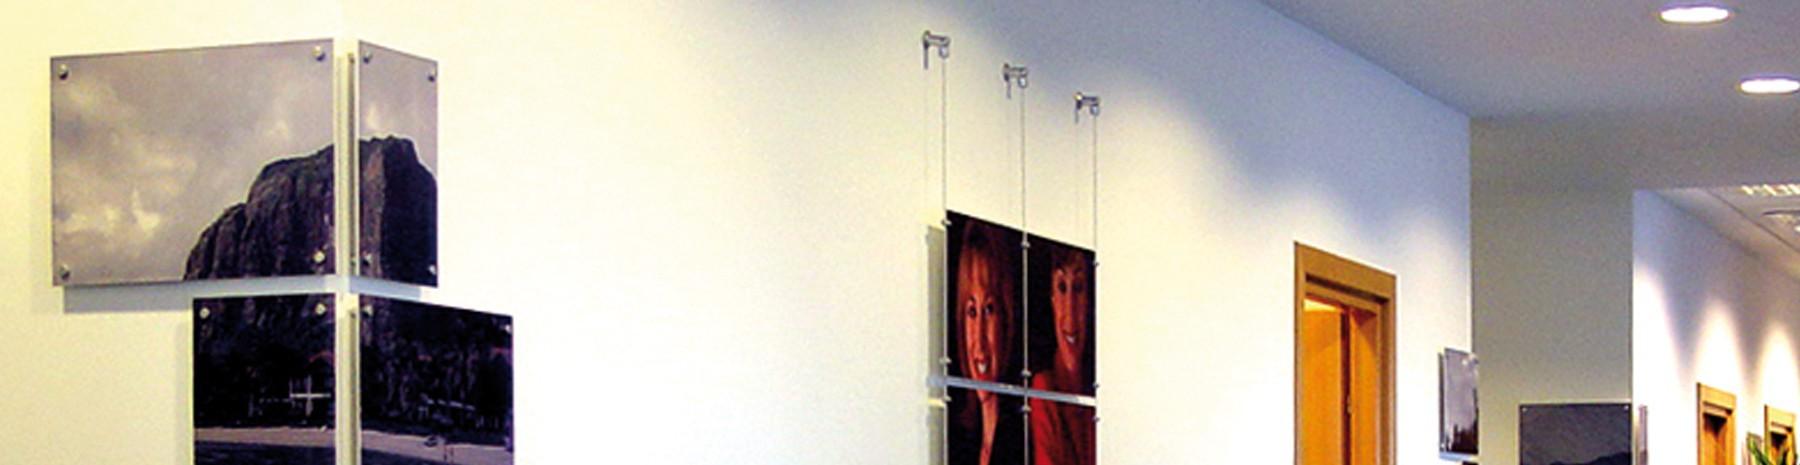 Kit câble sol-plafond, support panneau et tablette sur câble